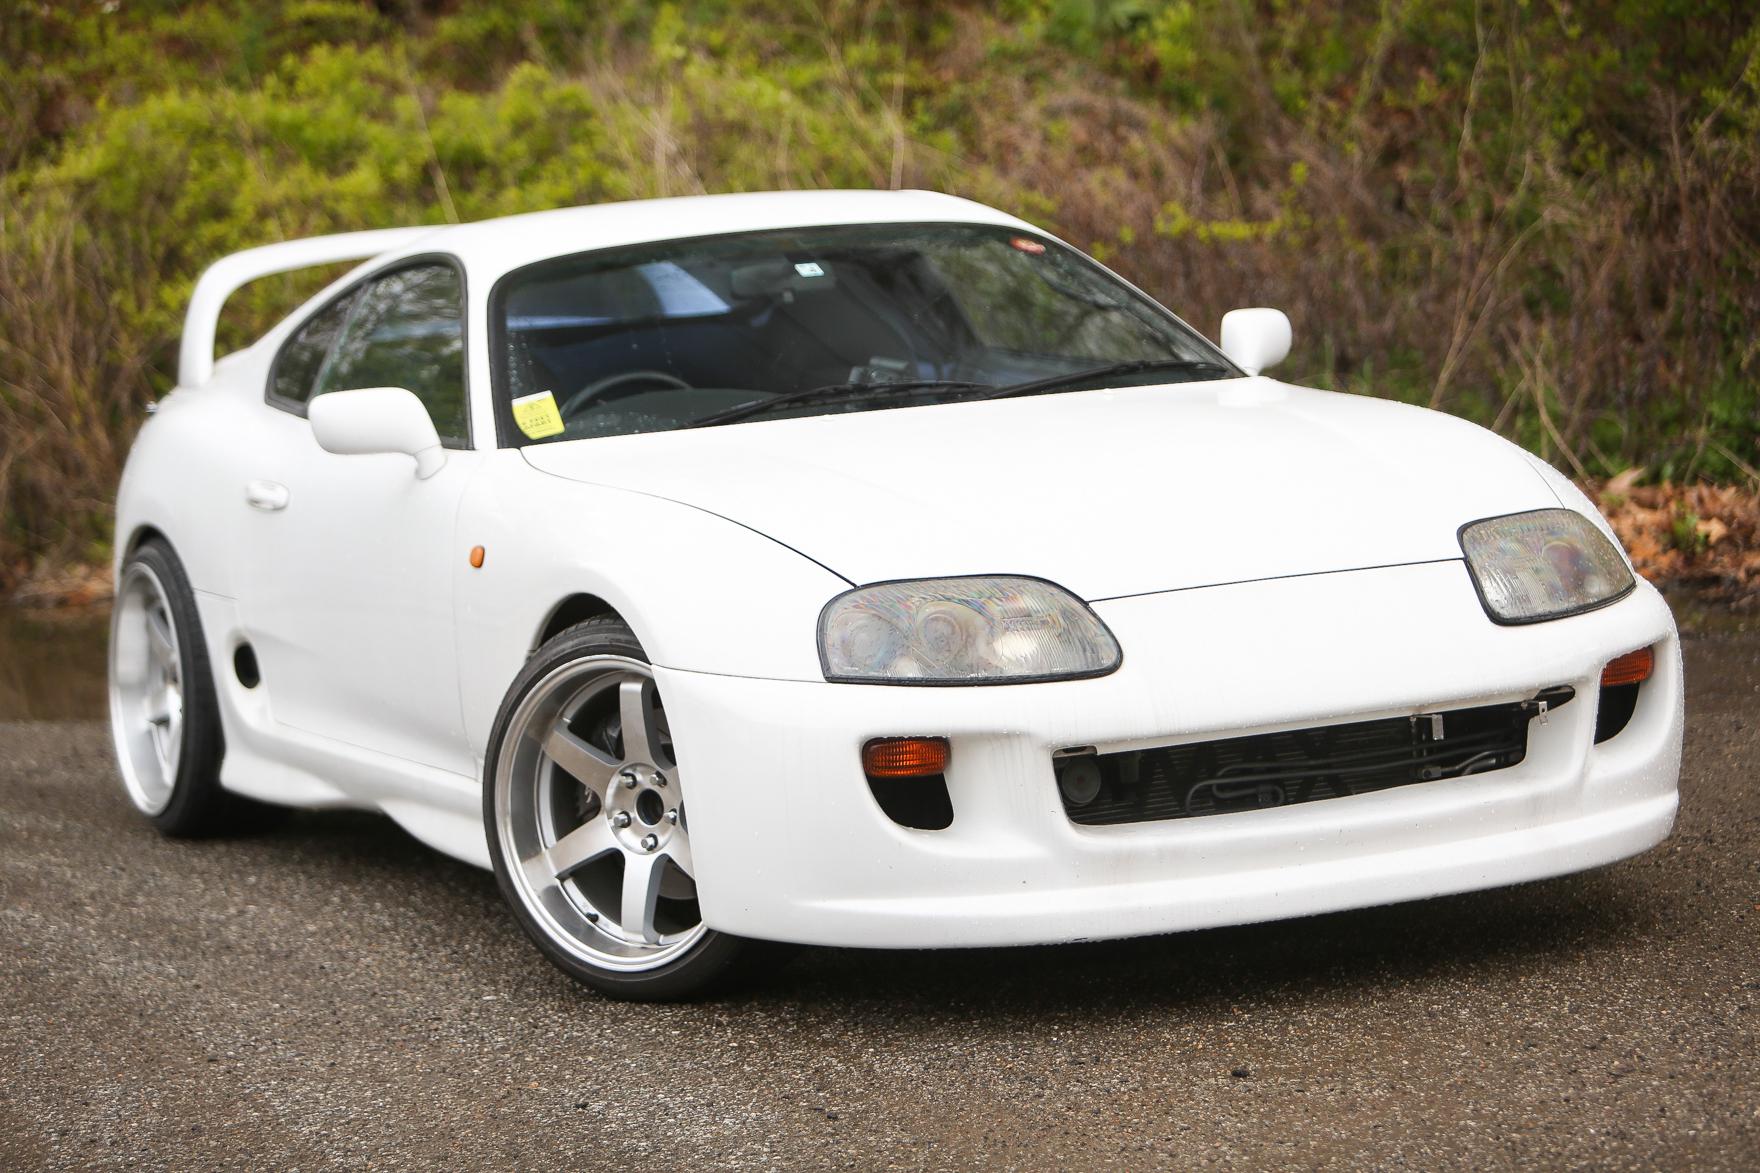 1995 Toyota Supra - $27,000